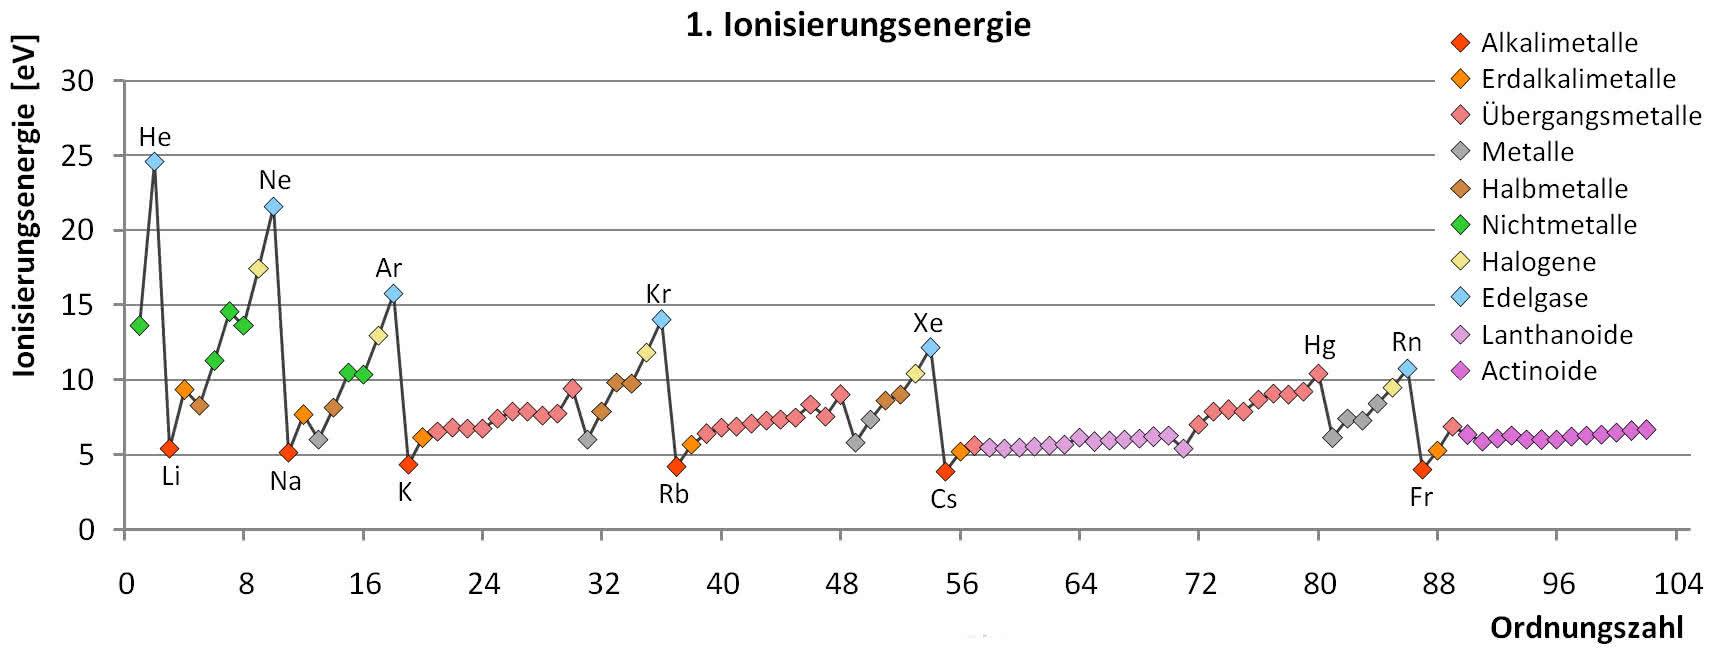 Anorganische Chemie: Ionisierungsenergie, Elektroaffinität und ...